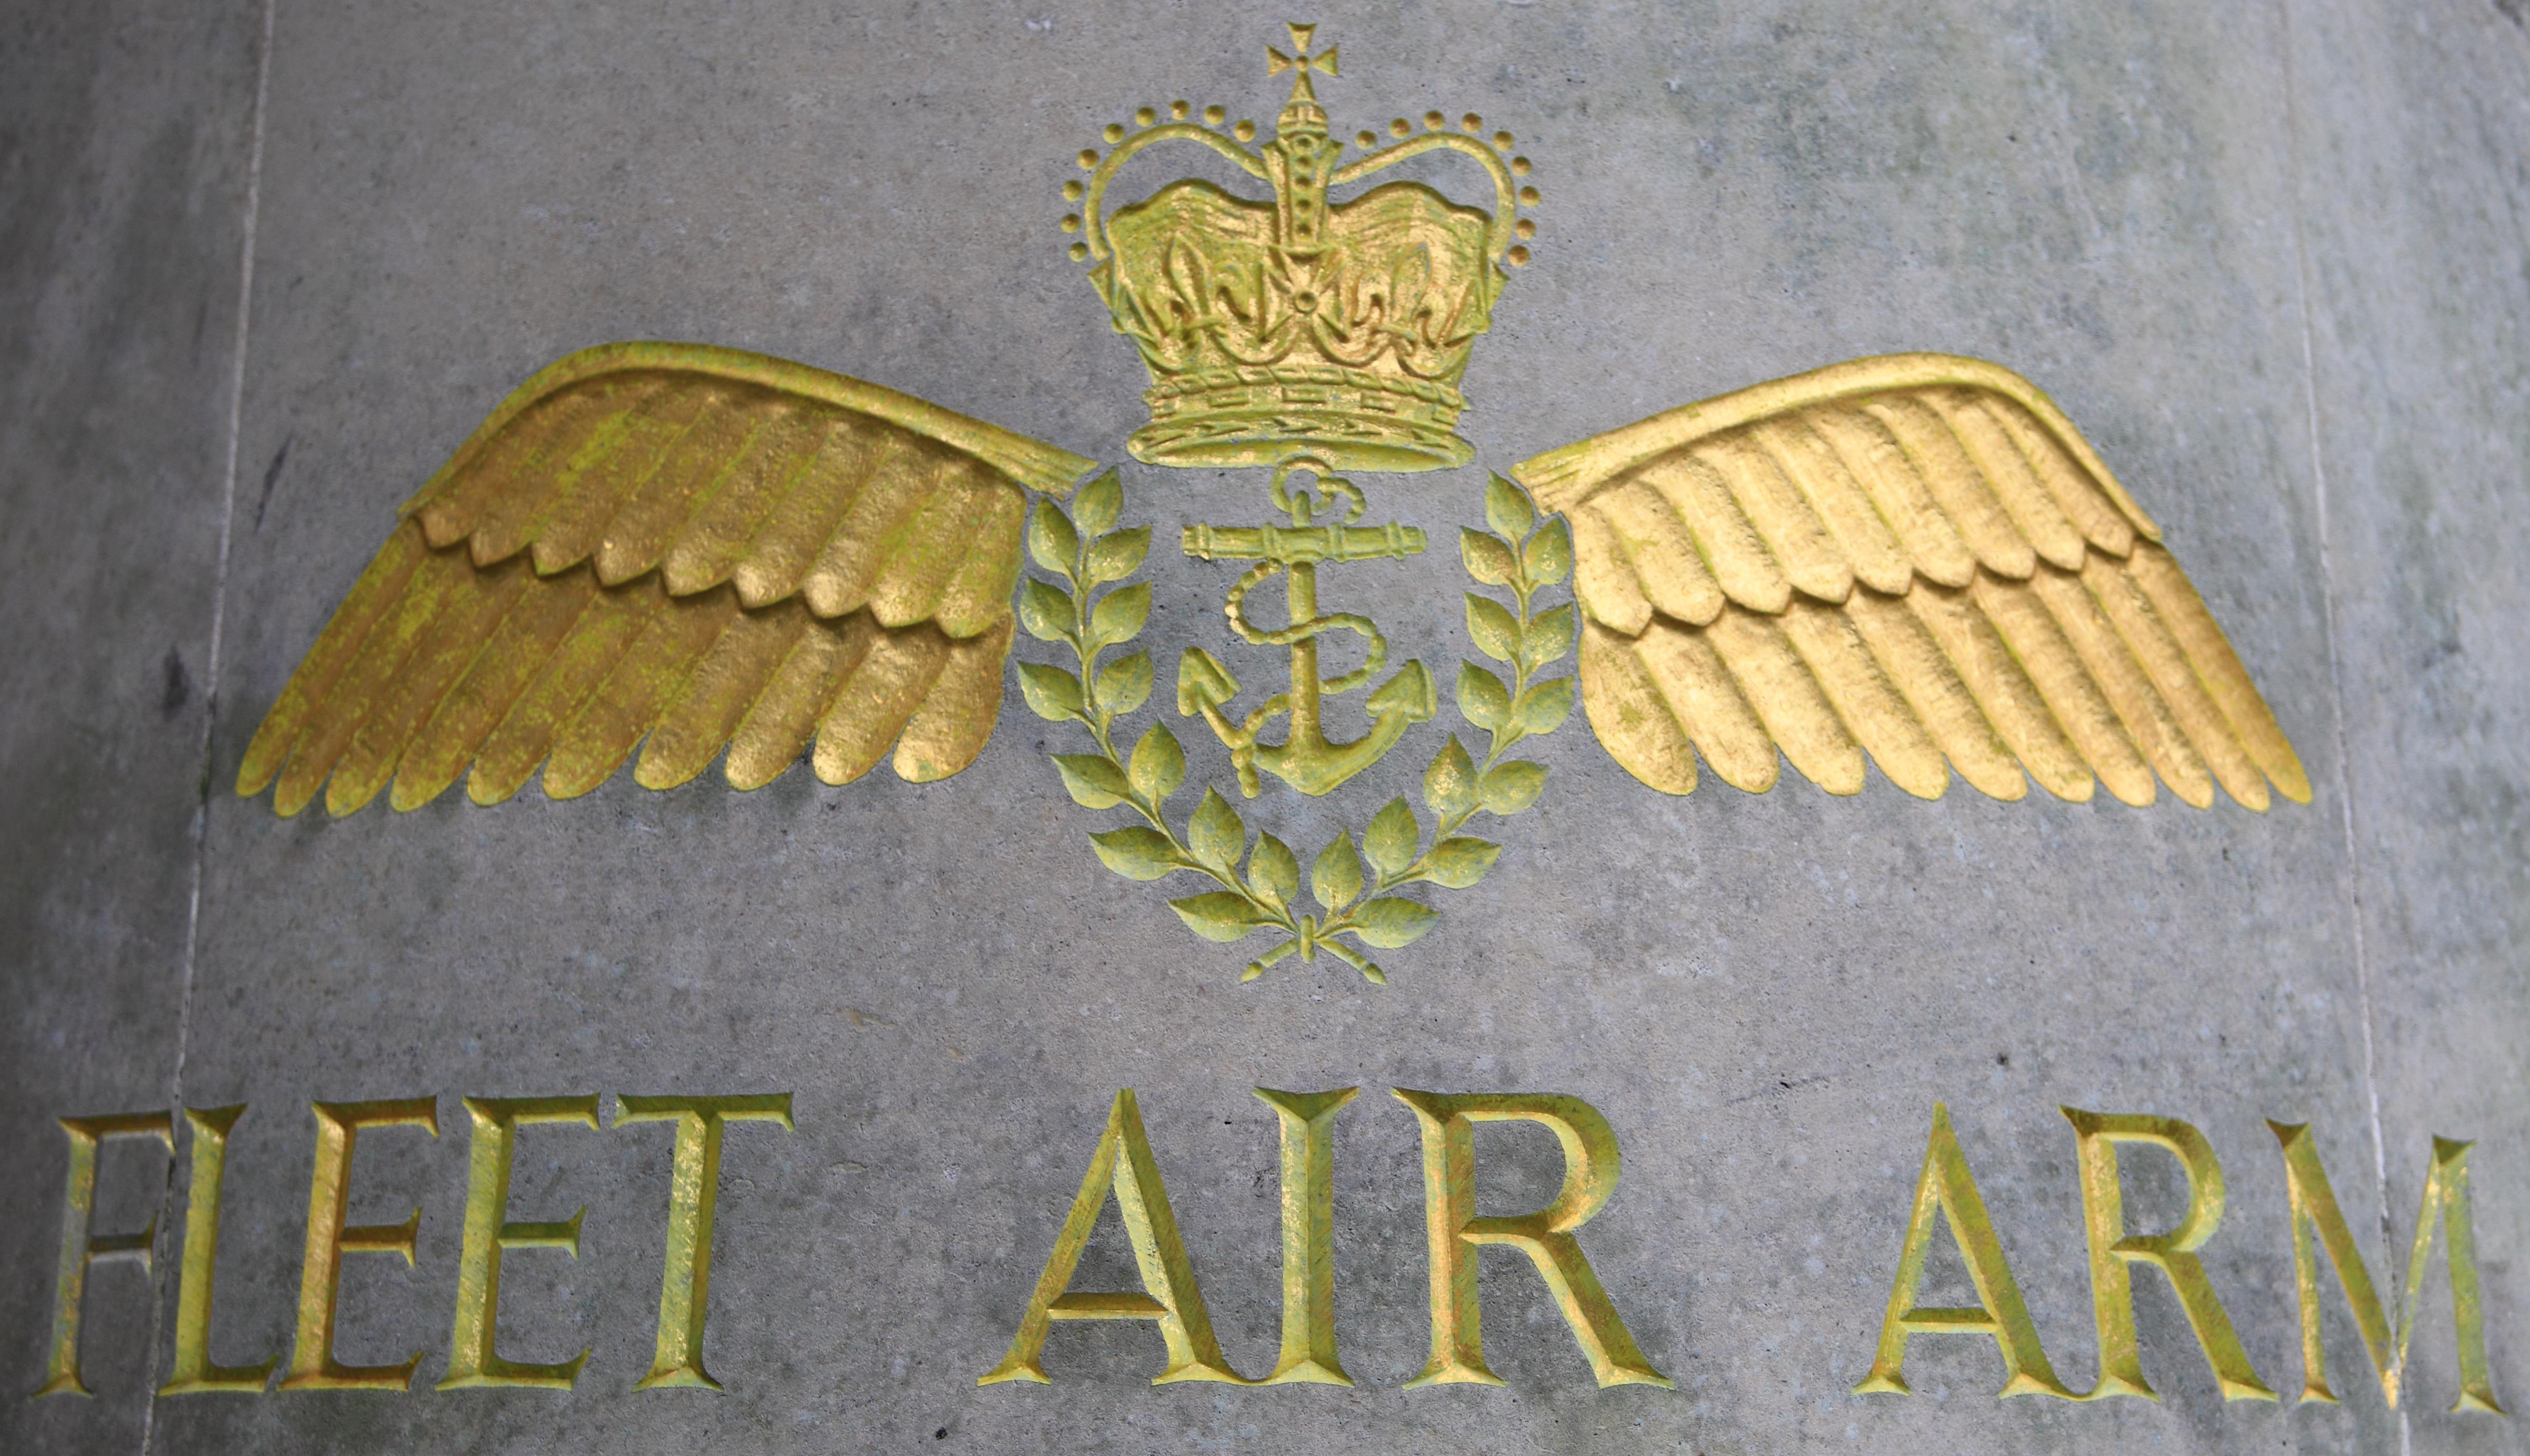 Fleet Air Arm - Wikipedia